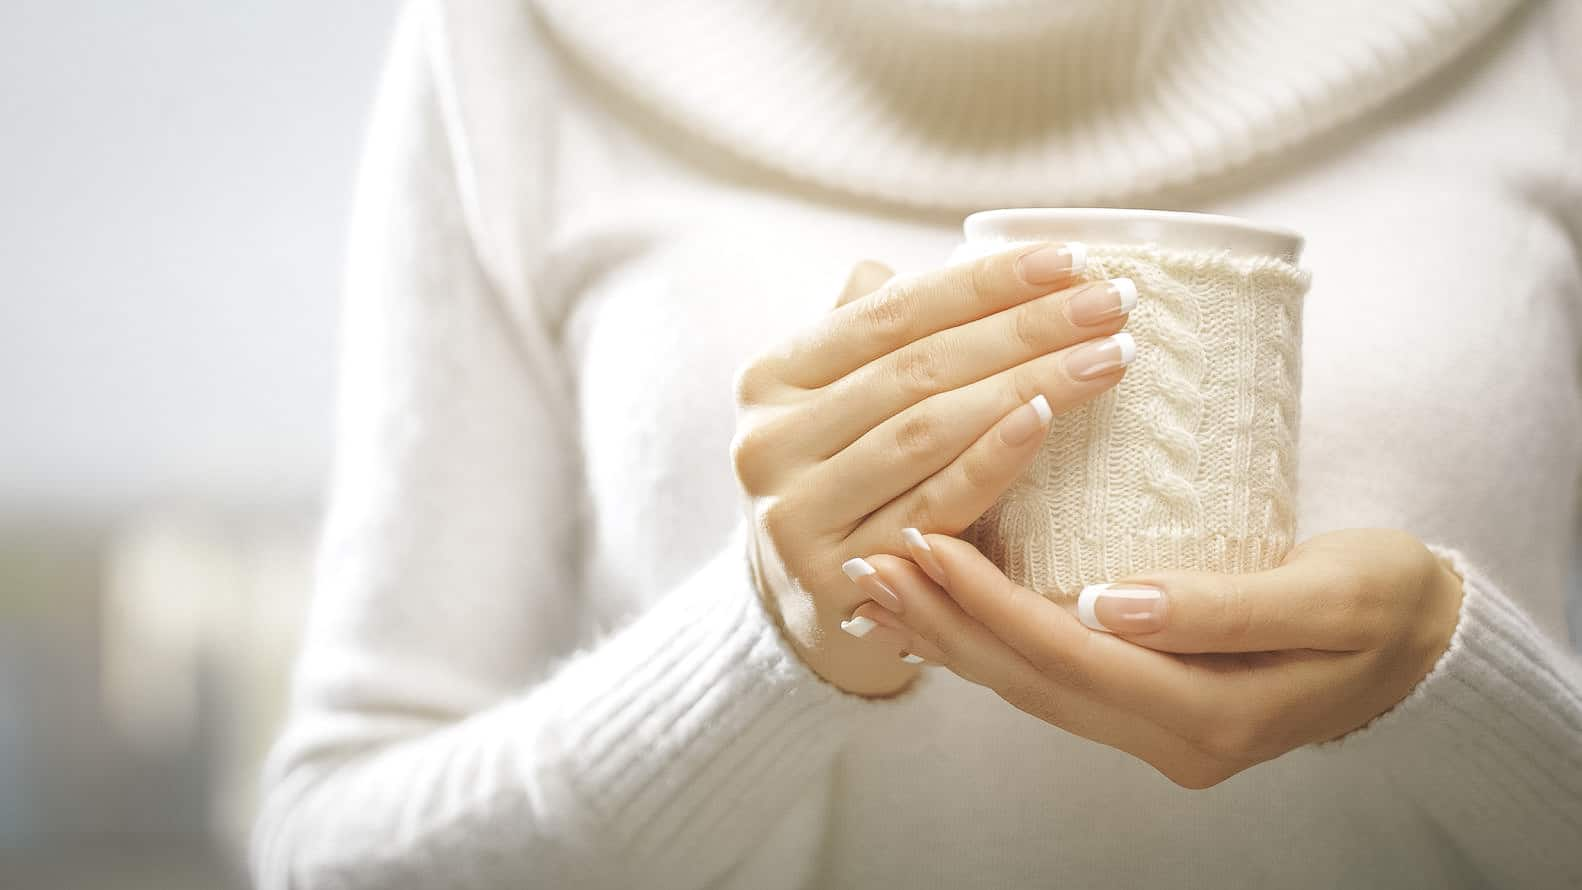 comment entretenir ses ongles, entretenir ses ongles, soigner ses ongles, comment soigner ses ongles, comment bien entretenir ses ongles, soigner les ongles, comment soigner les ongles, bien entretenir ses ongles, comment entretenir ses ongles de mains, soigner ongle, réparer ses ongles, comment traiter les ongles, entretenir les ongles, soigner ongles, comment entretenir les ongles, comment nettoyer ses ongles, comment réparer ses ongles, soin des ongles, comment bien nettoyer ses ongles, soigner ses ongles naturellement, entretien des ongles, bain ongles